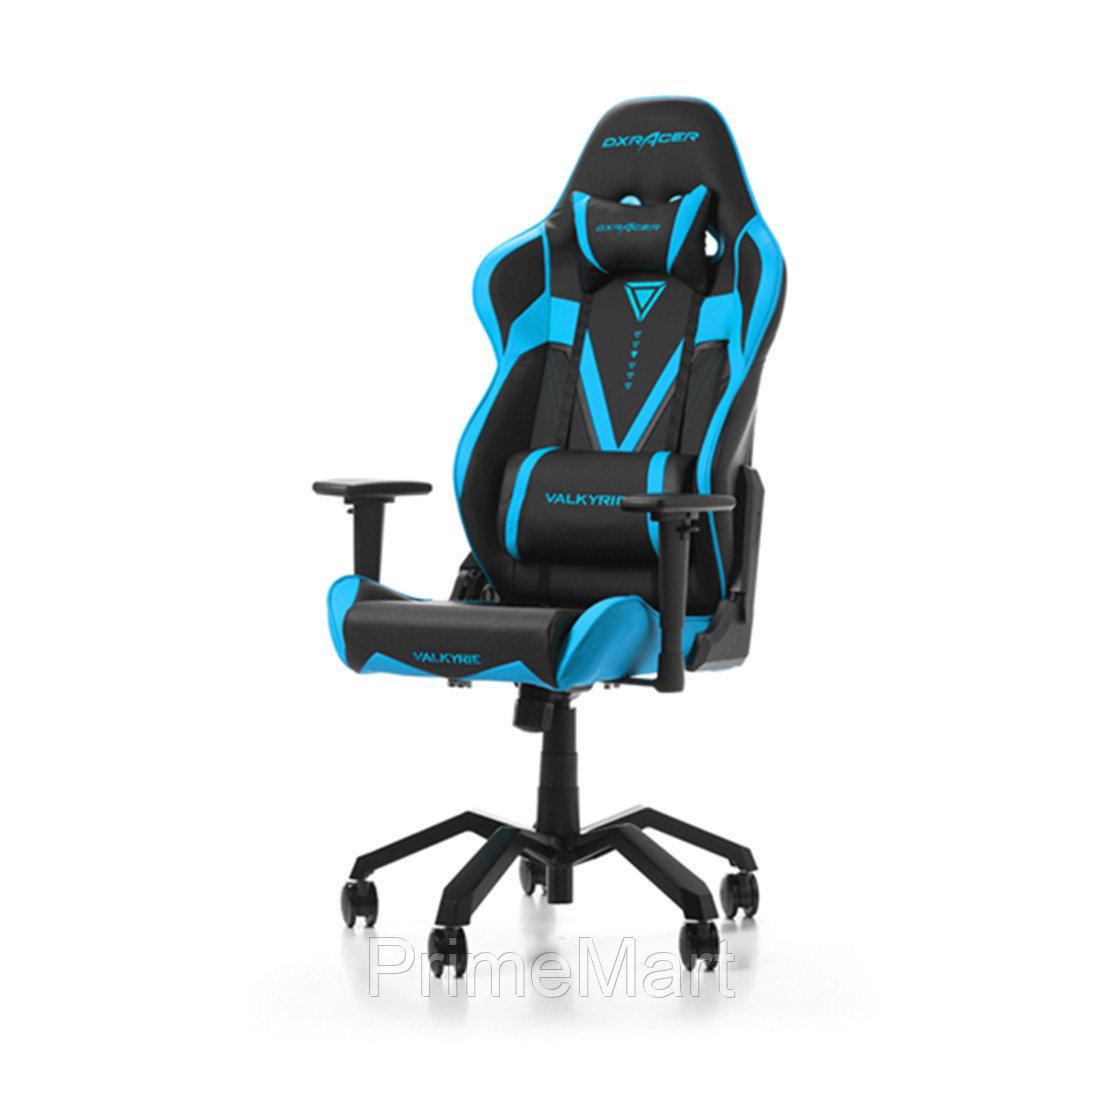 Игровое компьютерное кресло, DX Racer,  OH/VB03/NB, ПУ экокожа, Вид наполнителя: губчатая пена высокой